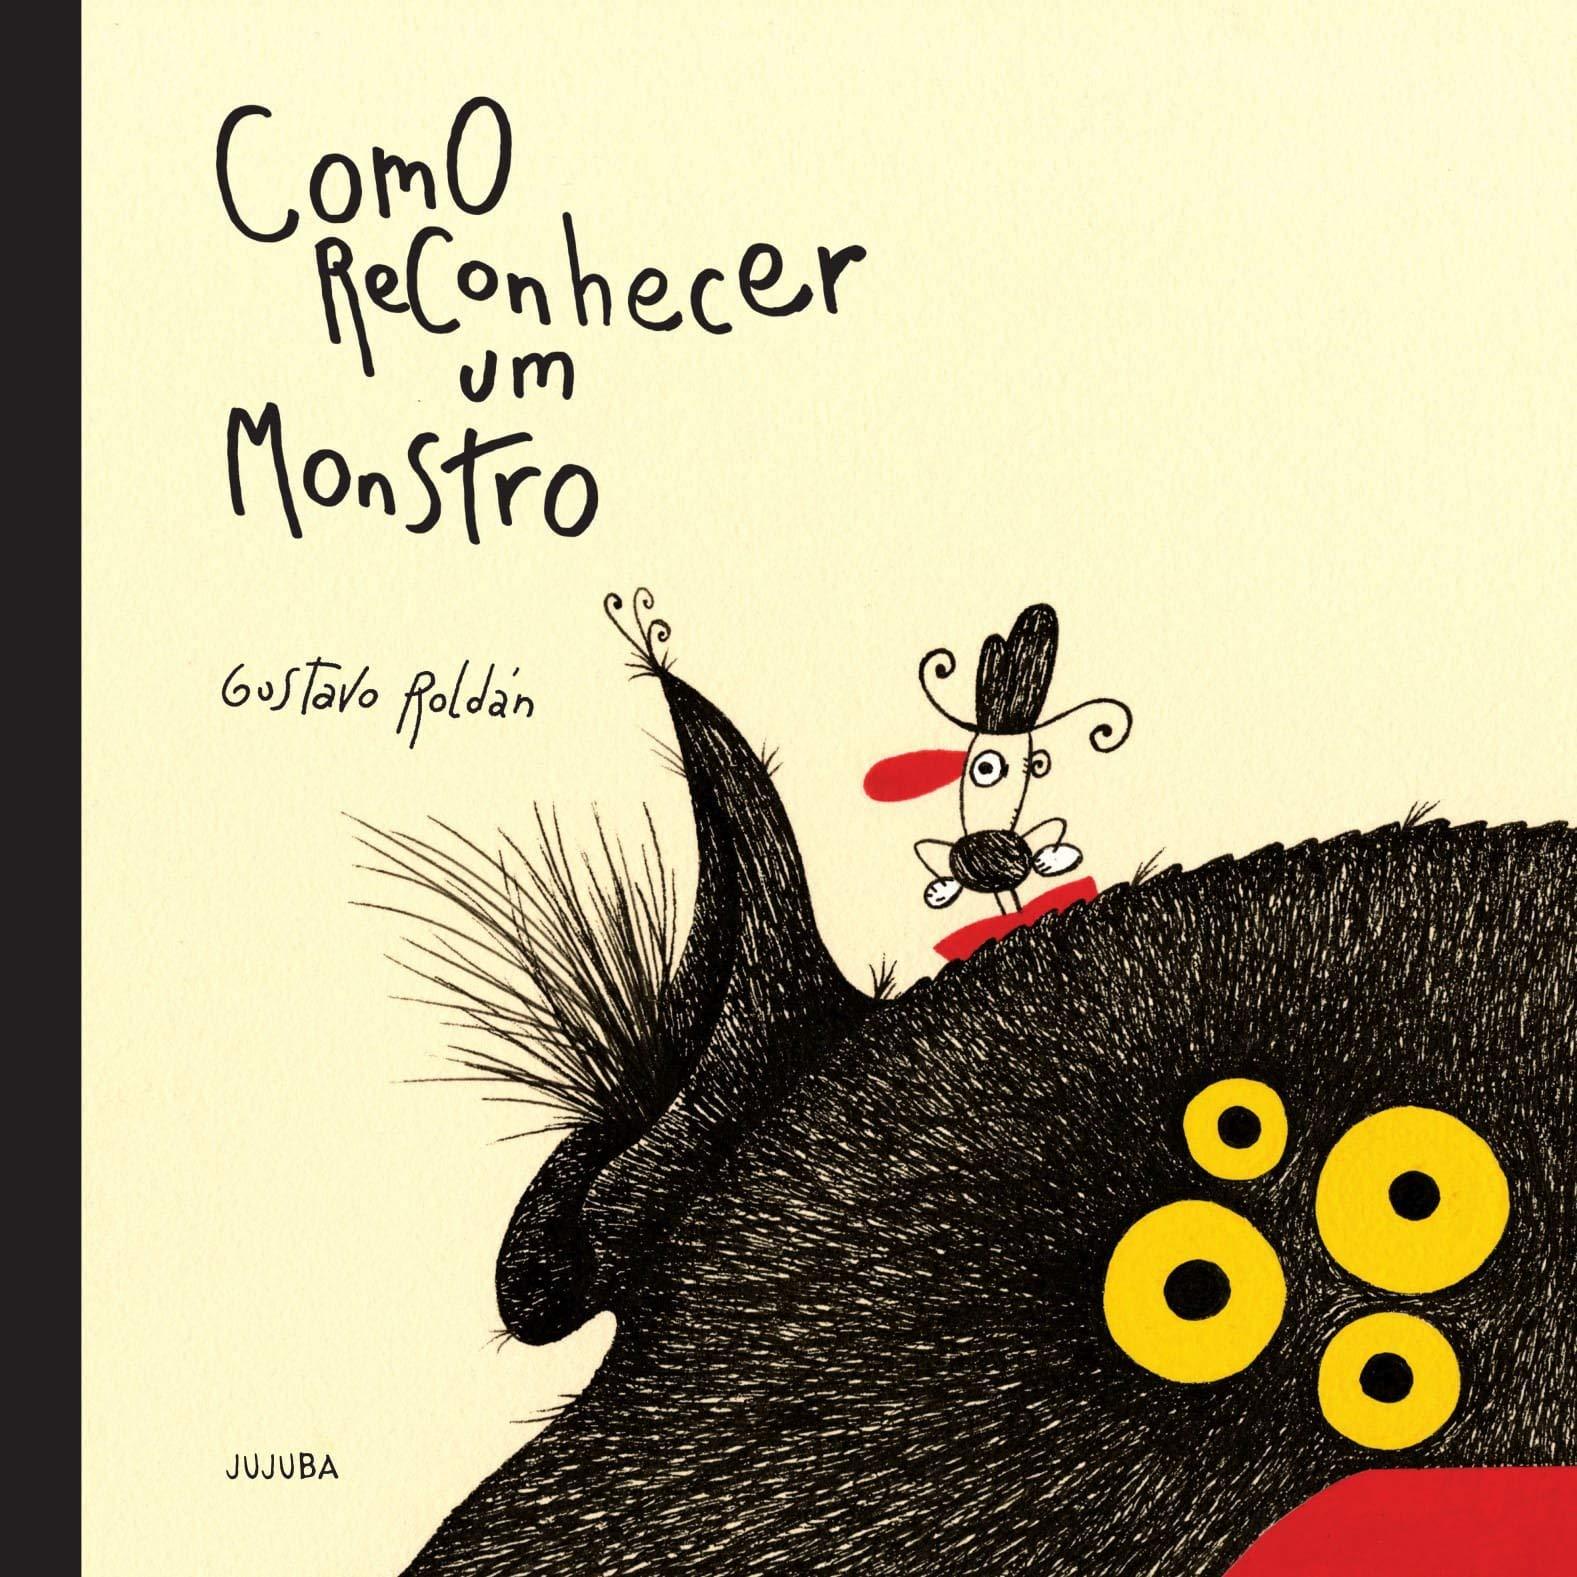 Como Reconhecer um Monstro - Livros na Amazon Brasil- 9788561695224